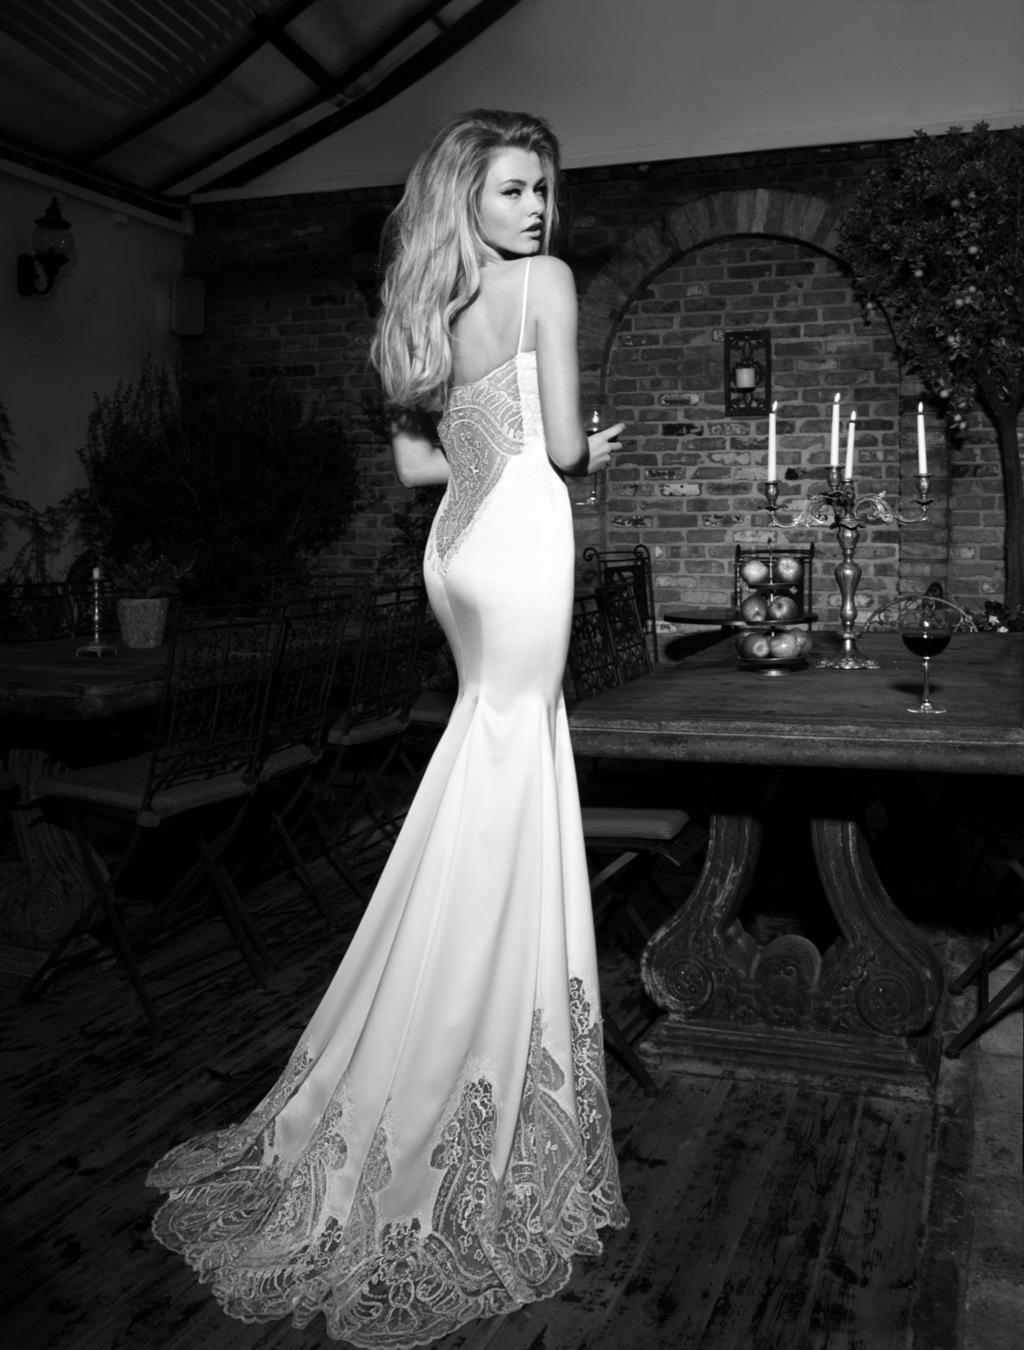 2013-wedding-dress-galia-lahav-bridal-marilyn.full